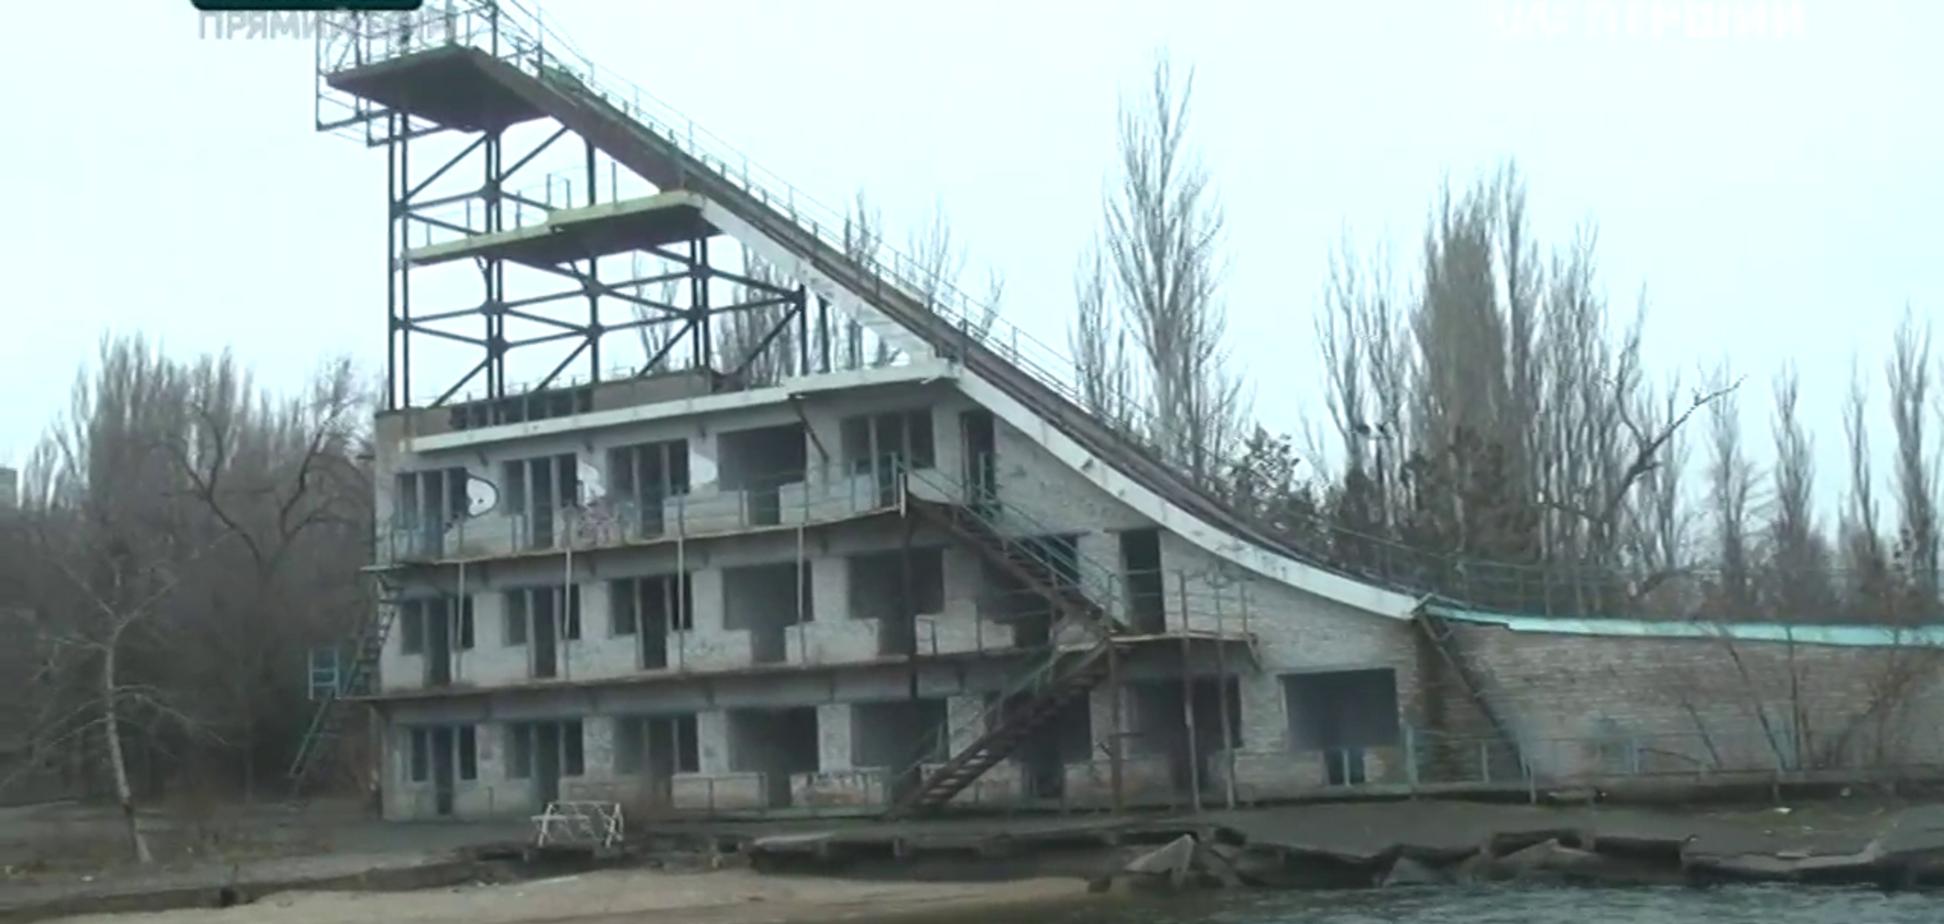 Тренировочная база, где начинал украинский чемпион Олимпиады в Пхенчхане, превращена в руины